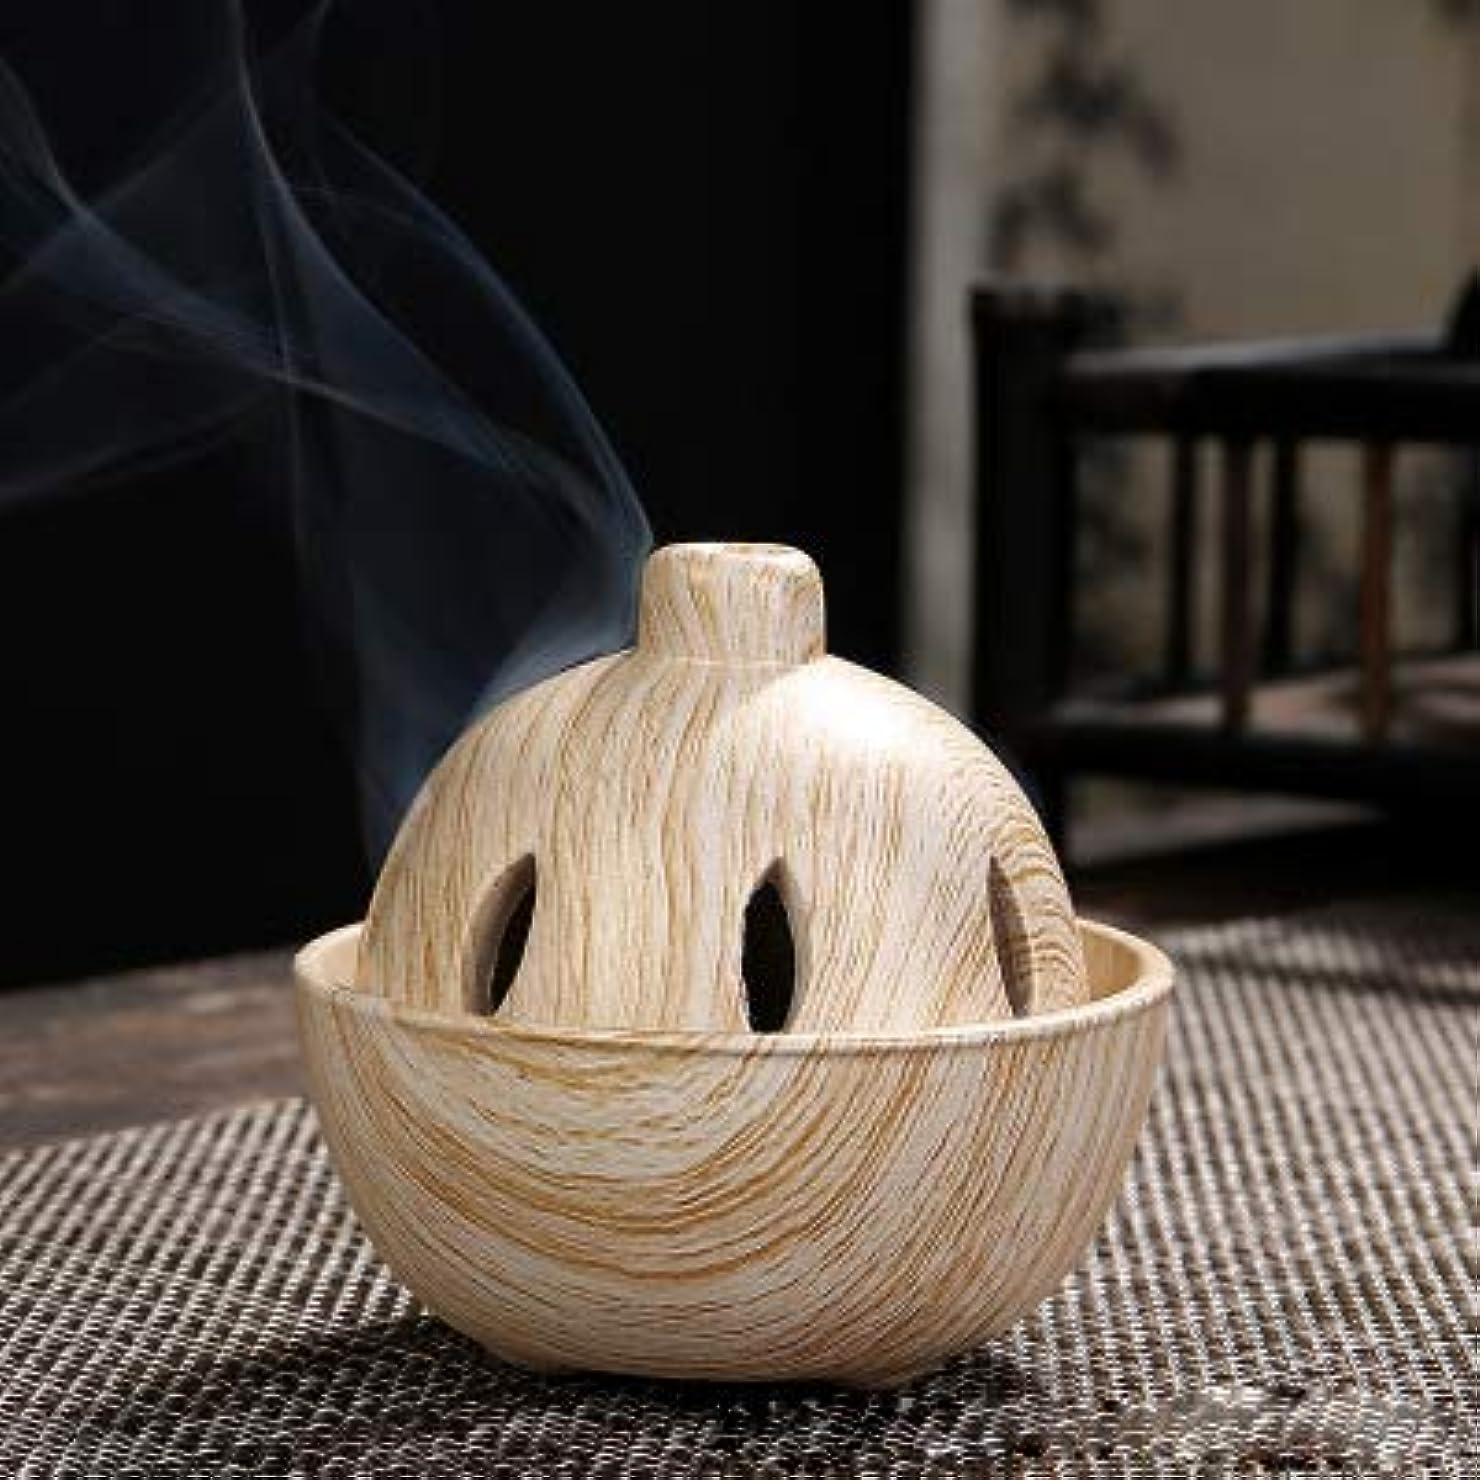 正確さ風変わりな成功したPHILOGOD 陶器香炉 クリエイティブスタイリング 仏壇用 渦巻き線香立て 香皿 (Brown)